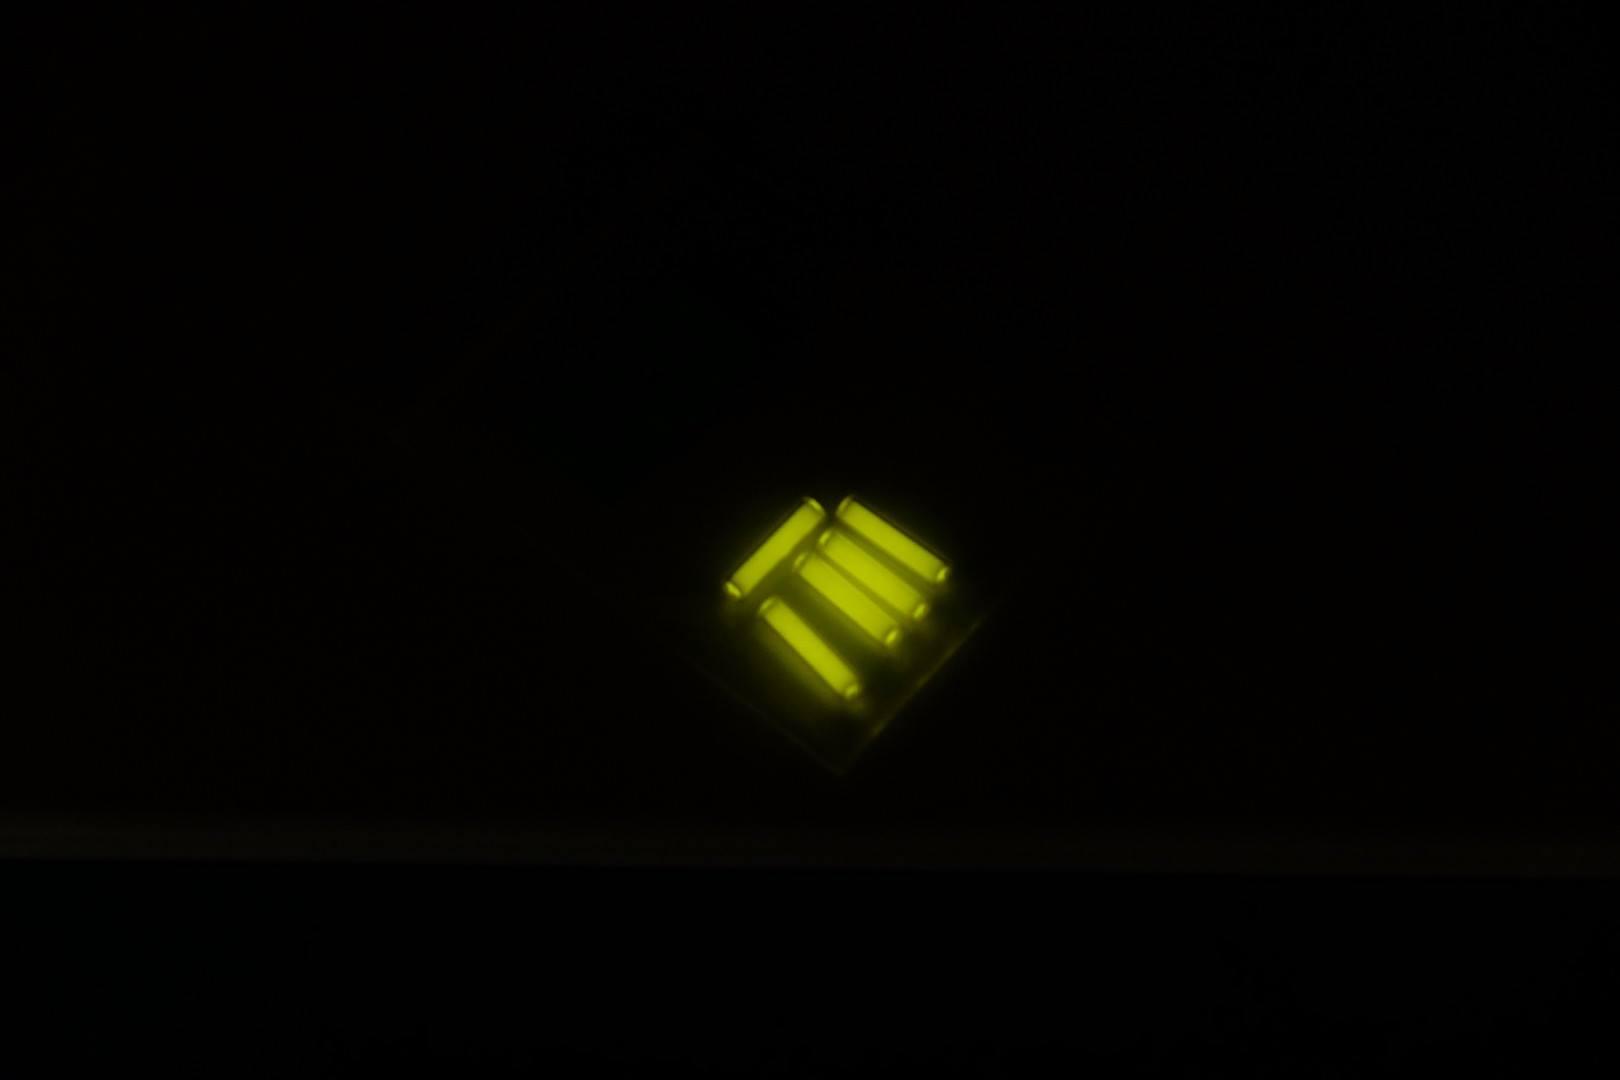 TEC - Thanh Phát Sáng Tritium Vial Yellow (Màu Vàng - Loại ngắn 11mm)